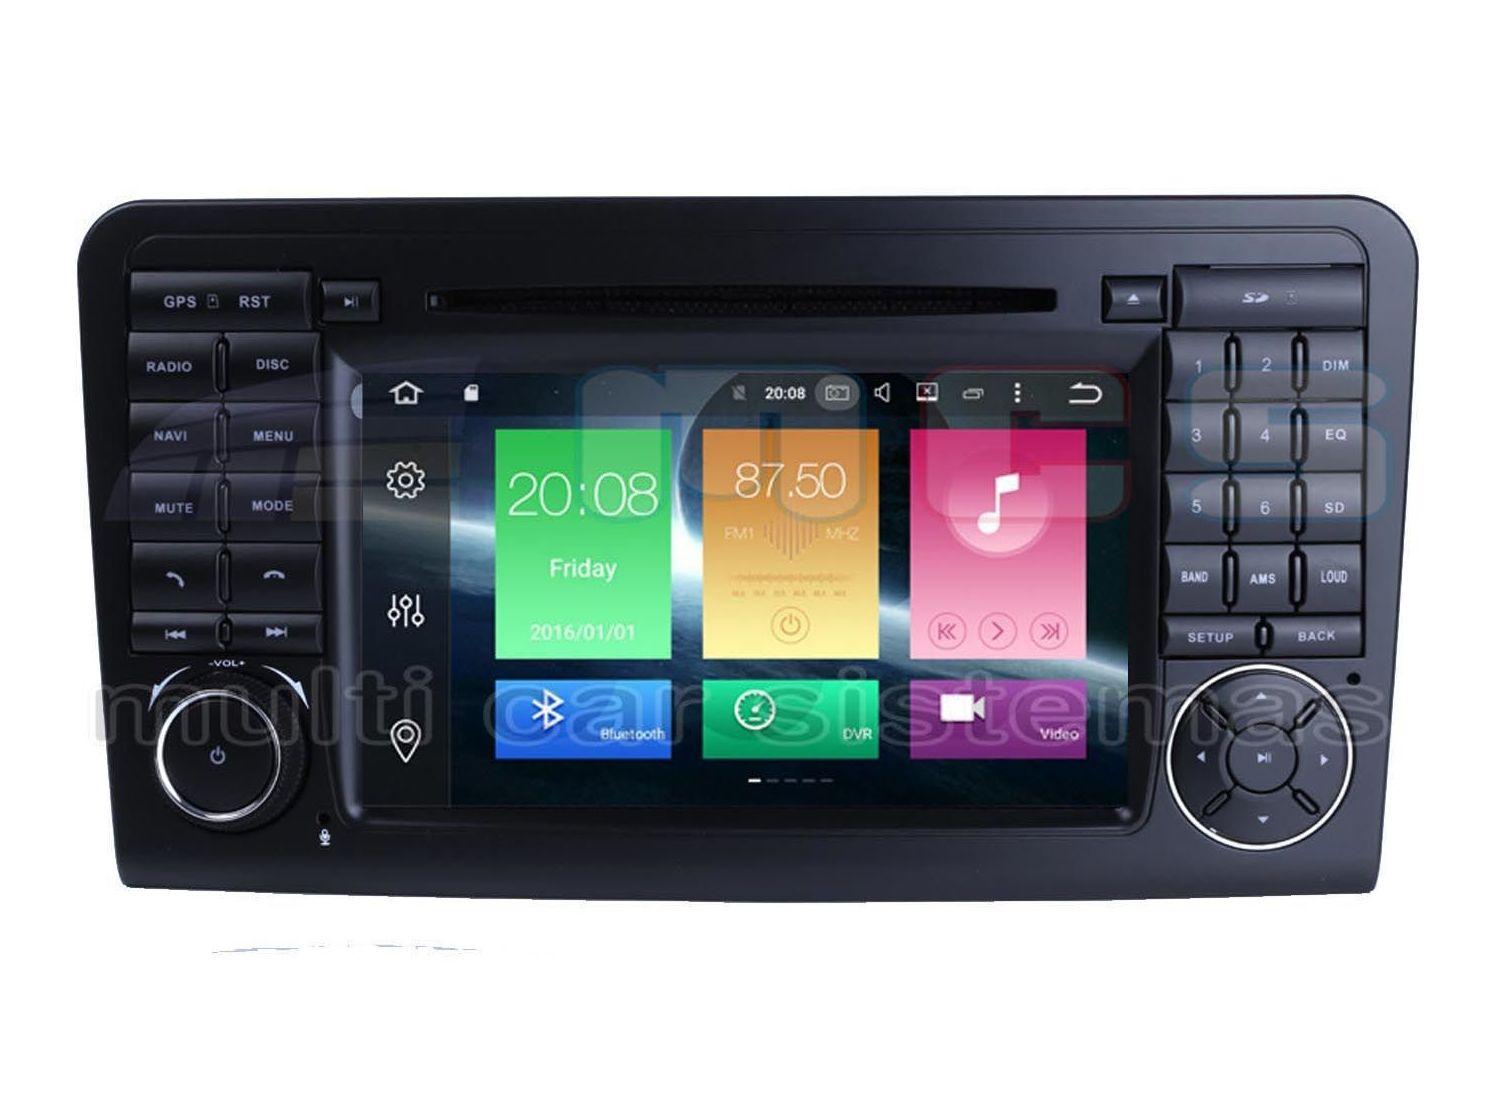 Equipos de radio navegación gps ANDROID pantalla táctil integrados